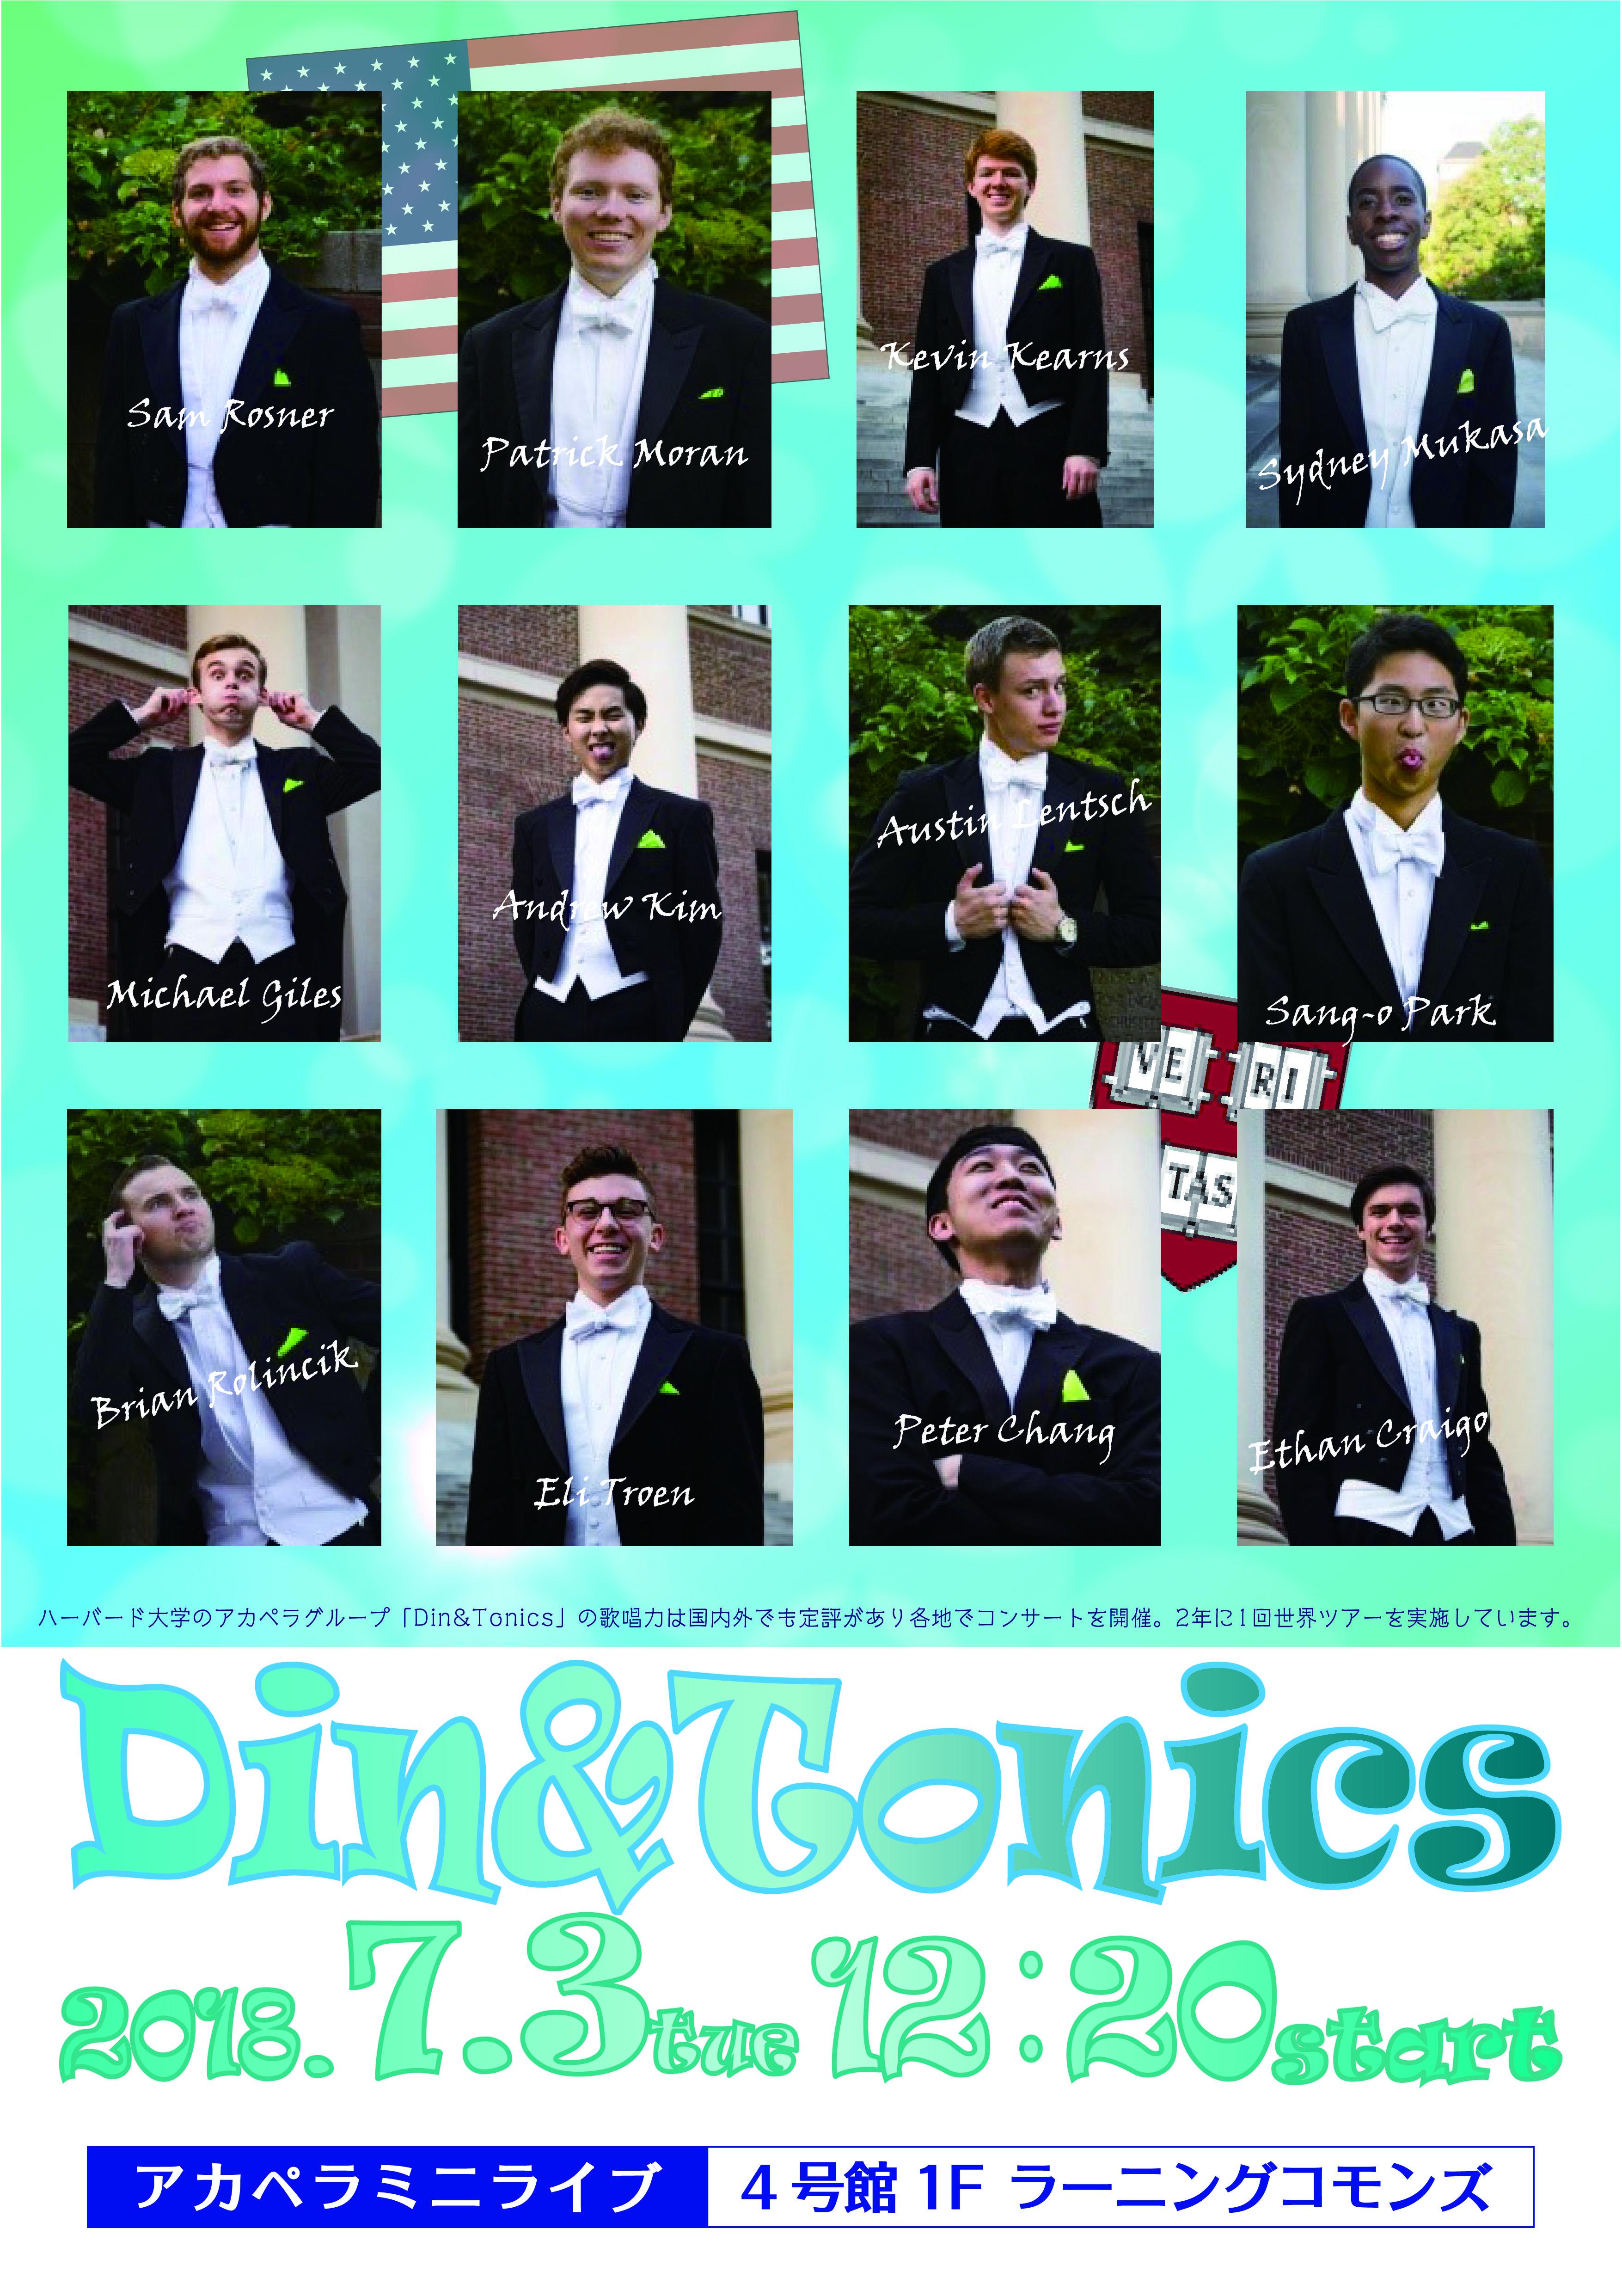 大阪国際大学が7月3日に米・ハーバード大学アカペラグループの学生との交流会を開催 -- 「ハーバード大学ライフ」をテーマにディスカッション、ミニライブも